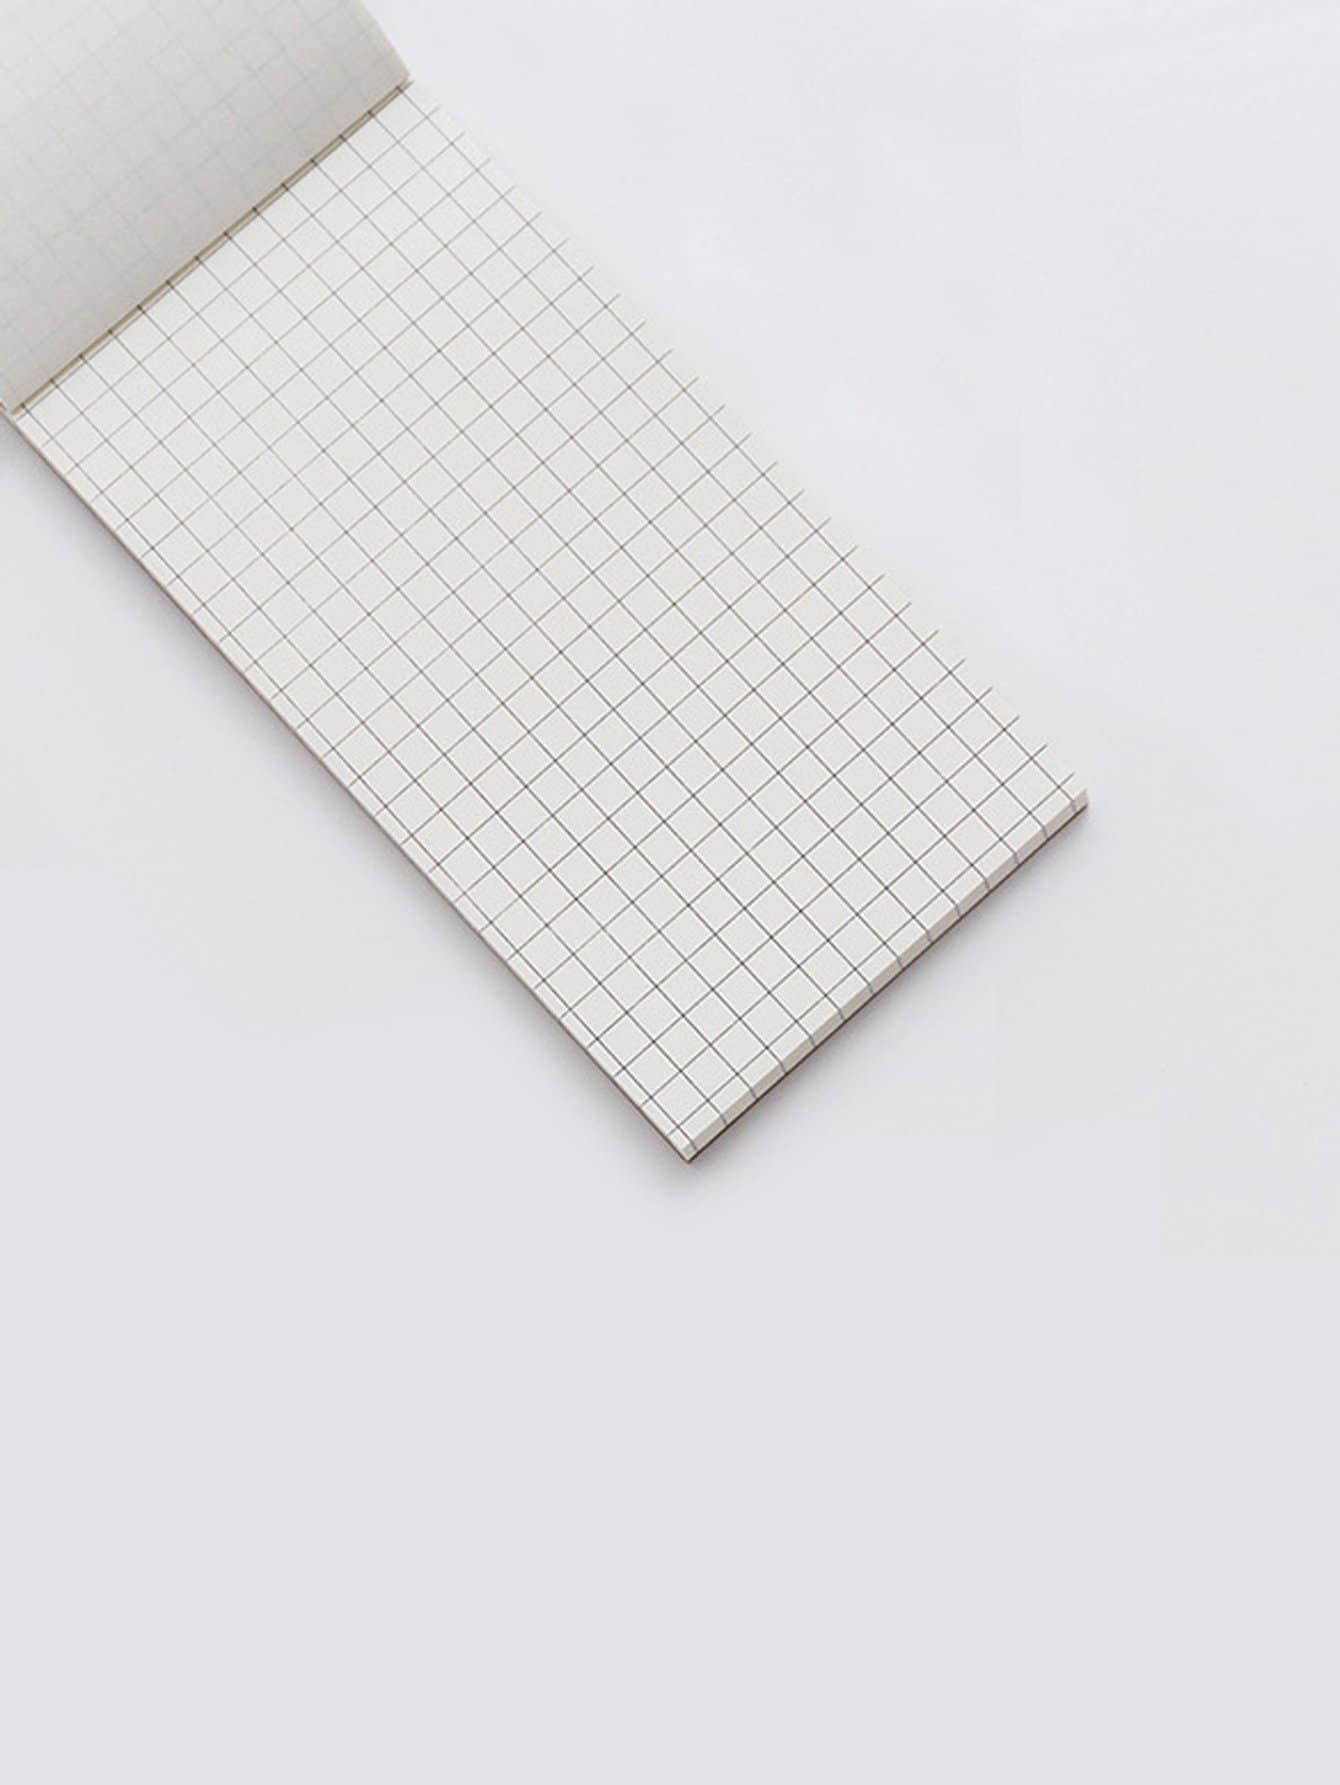 Grid Notepad 50 Sheets